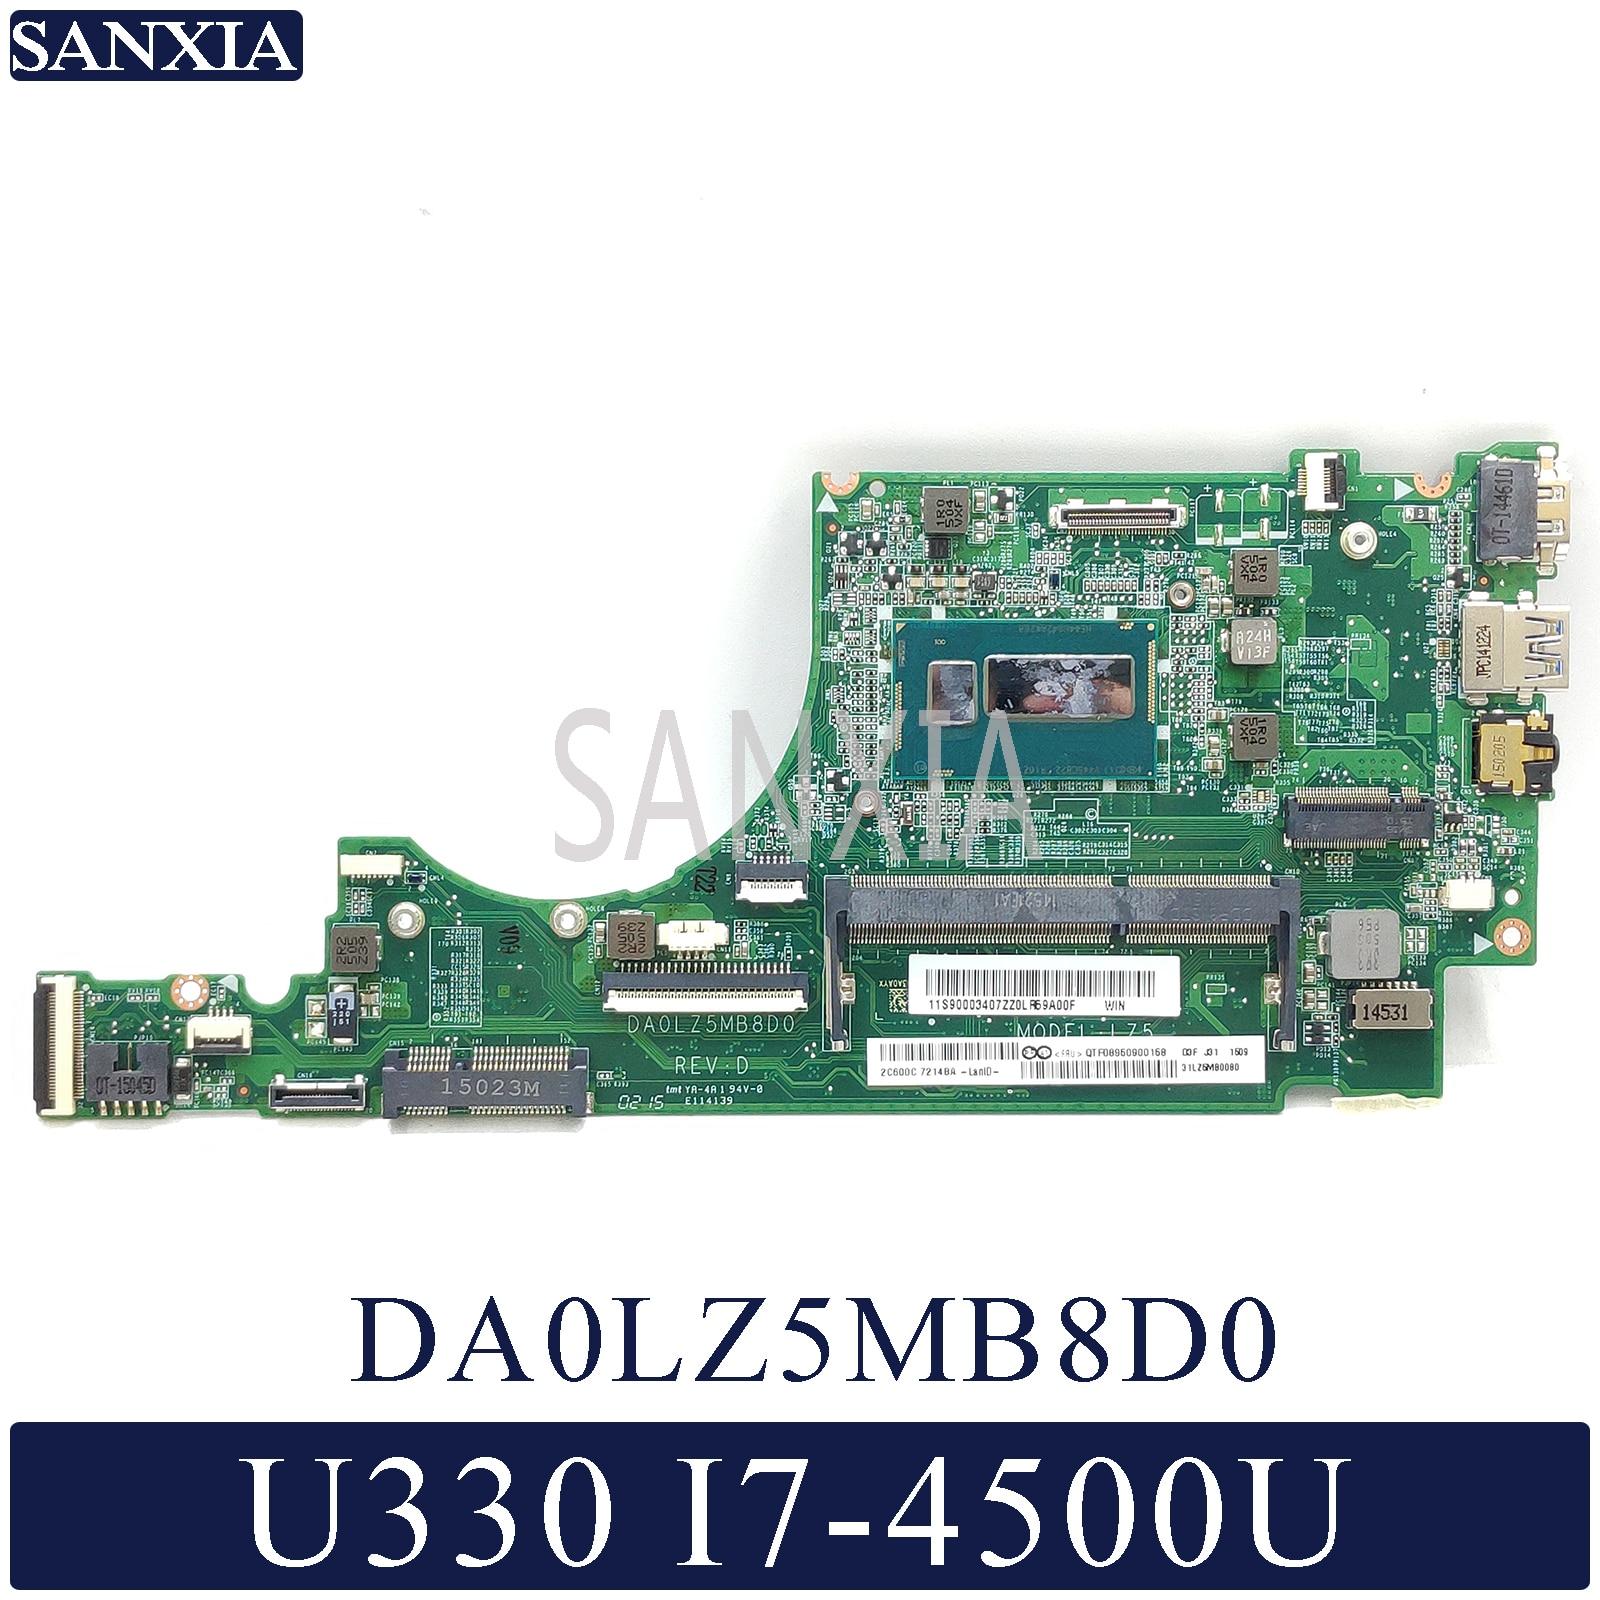 KEFU DA0LZ5MB8D0 Laptop motherboard for Lenovo IdeaPad U330 U330P U330T original mainboard I7 4500U